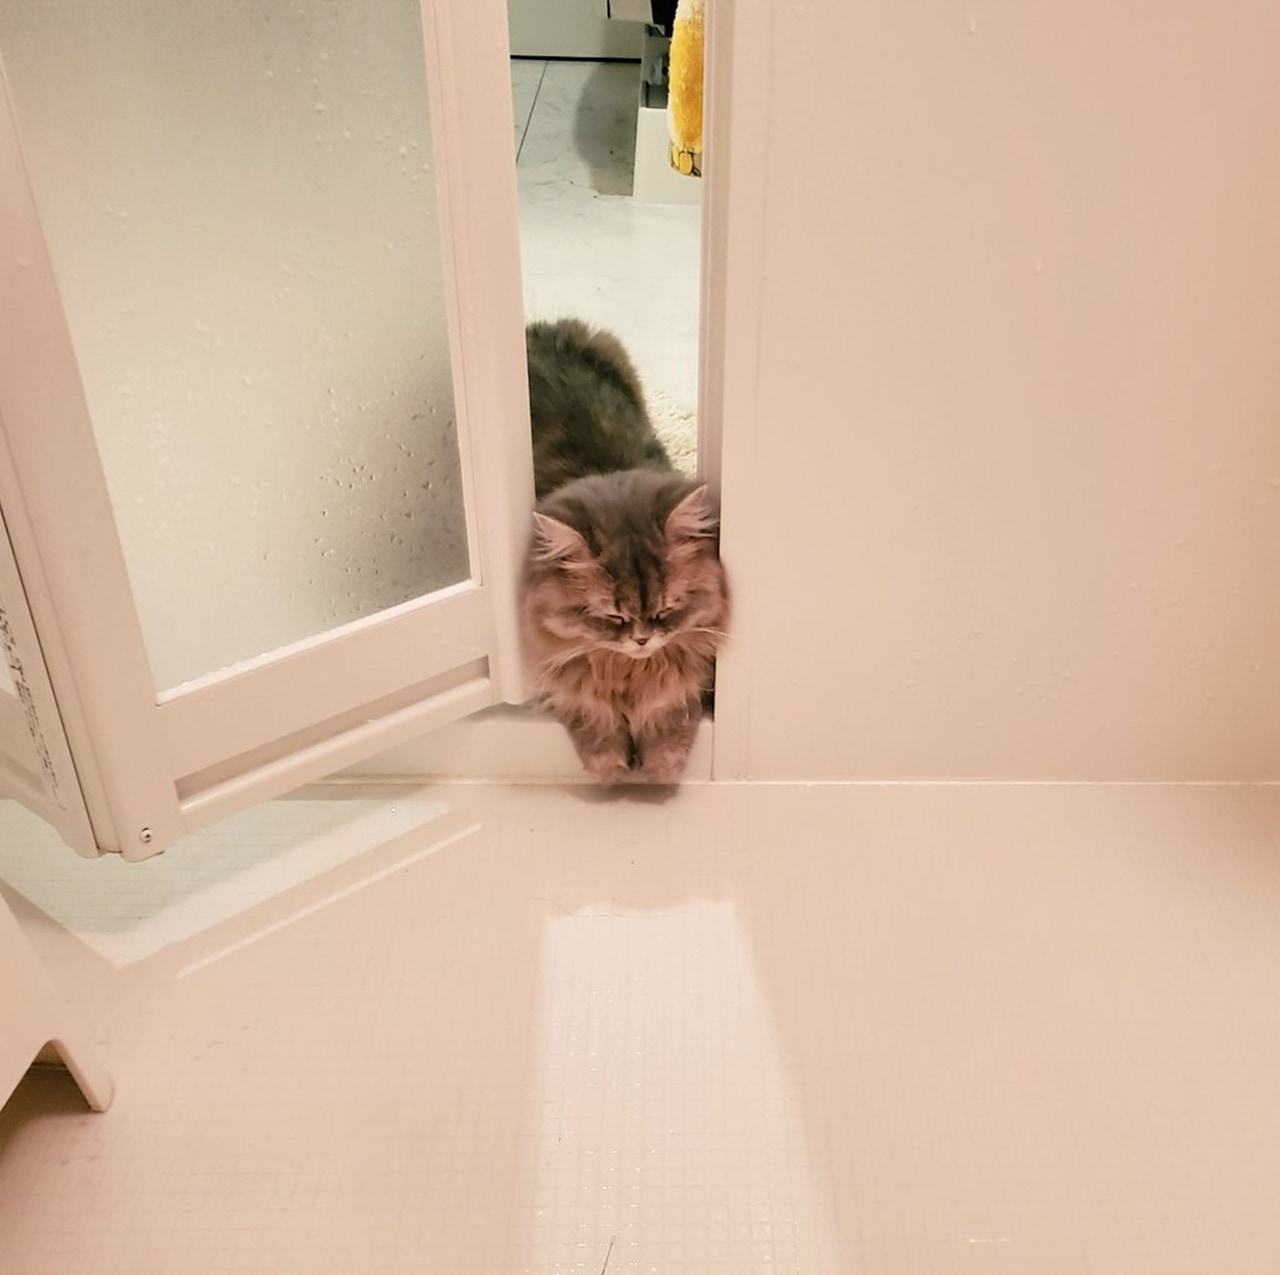 お風呂を覗きに来たのに挟まって寝ちゃった猫が可愛い!色んな場所に挟まる猫をご紹介